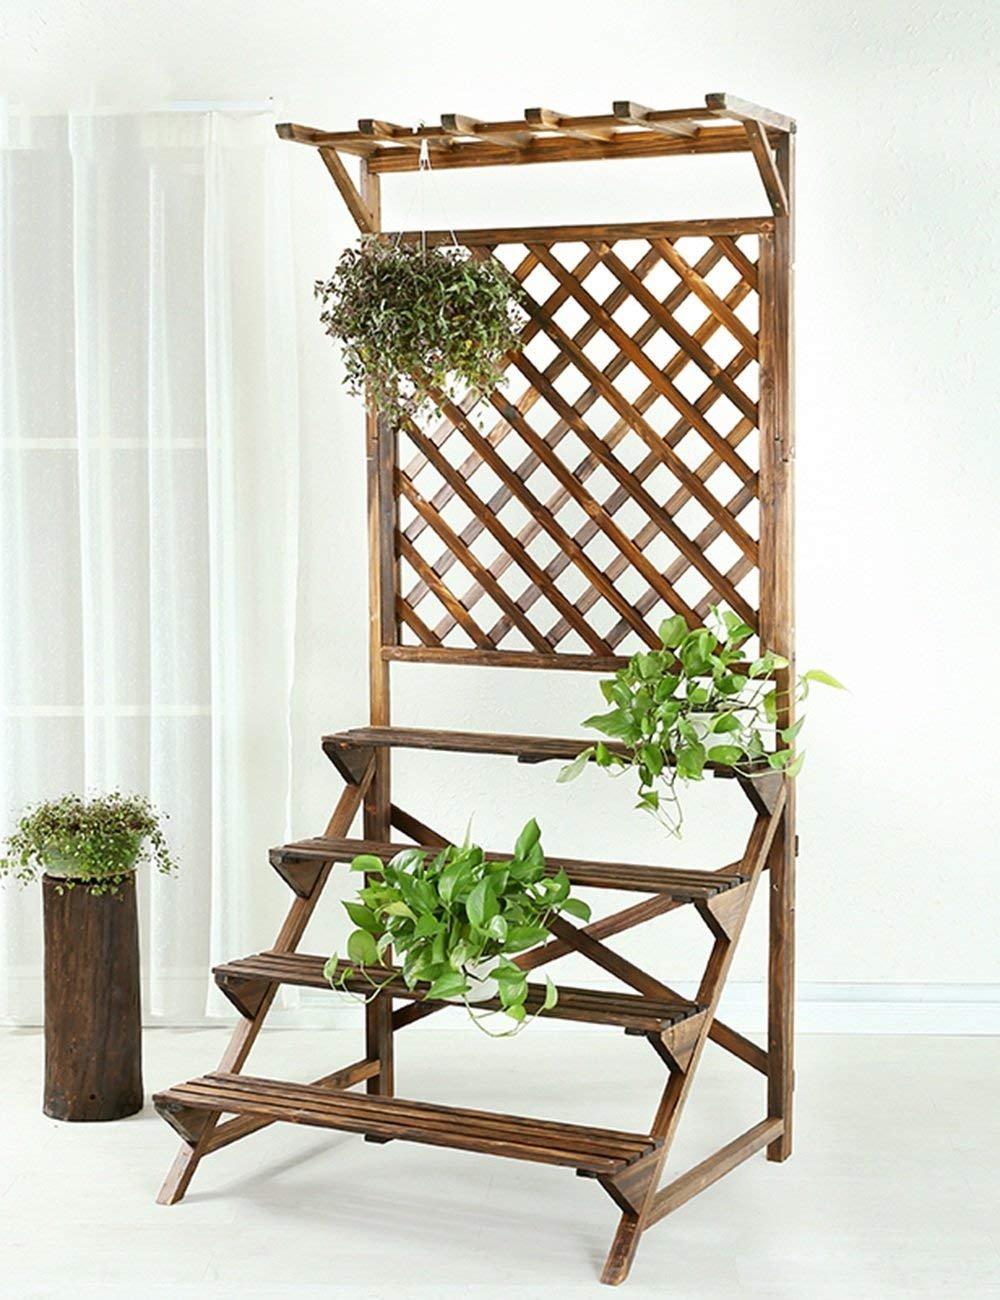 CWJ Blumengestell Massivholz-Blumengestecke Balkon Mehrere Schichten ...